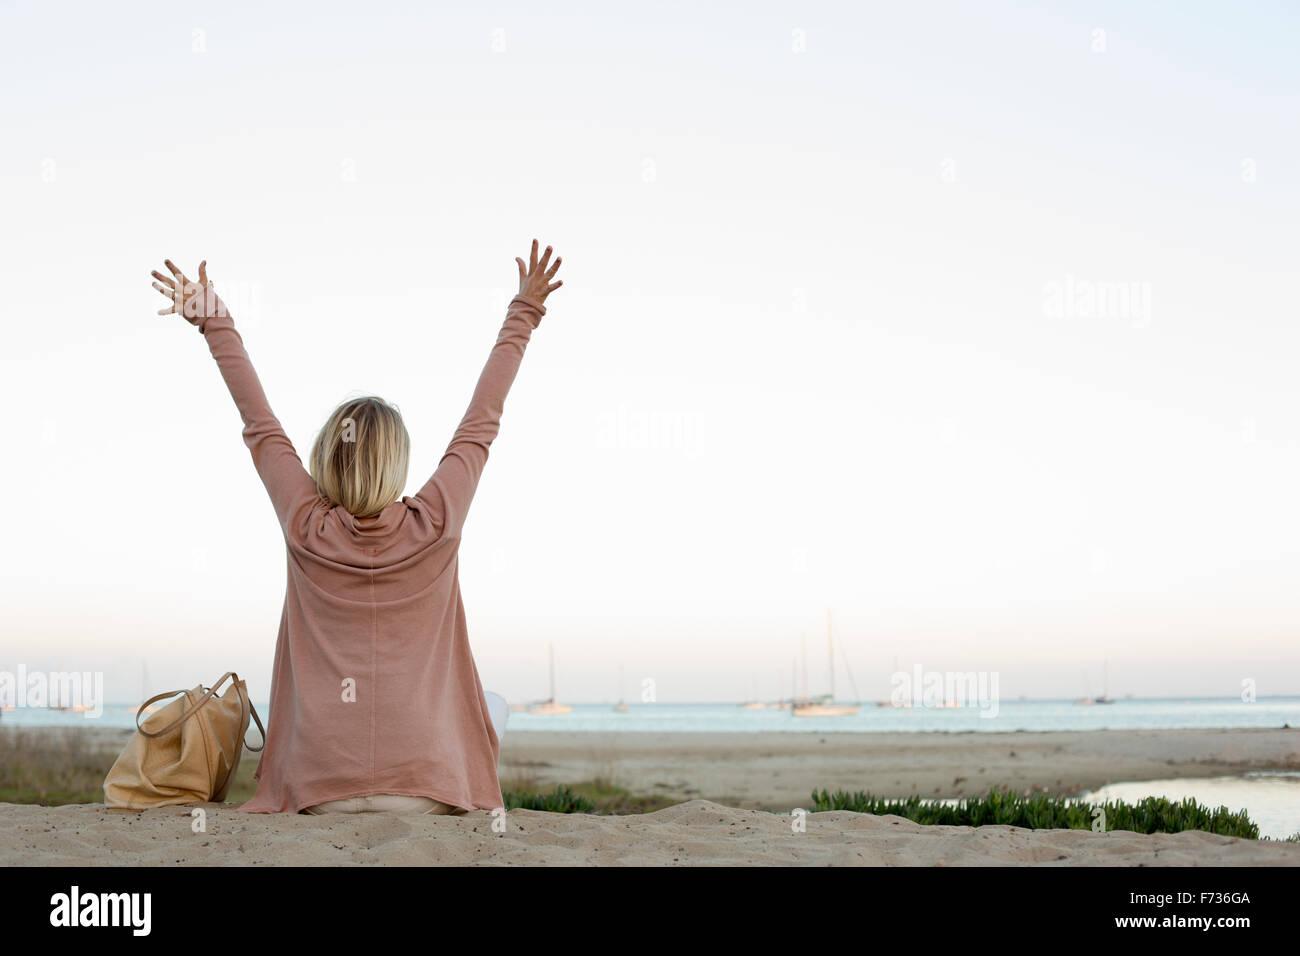 Mujer rubia sentada en una playa de arena, con los brazos en alto. Imagen De Stock